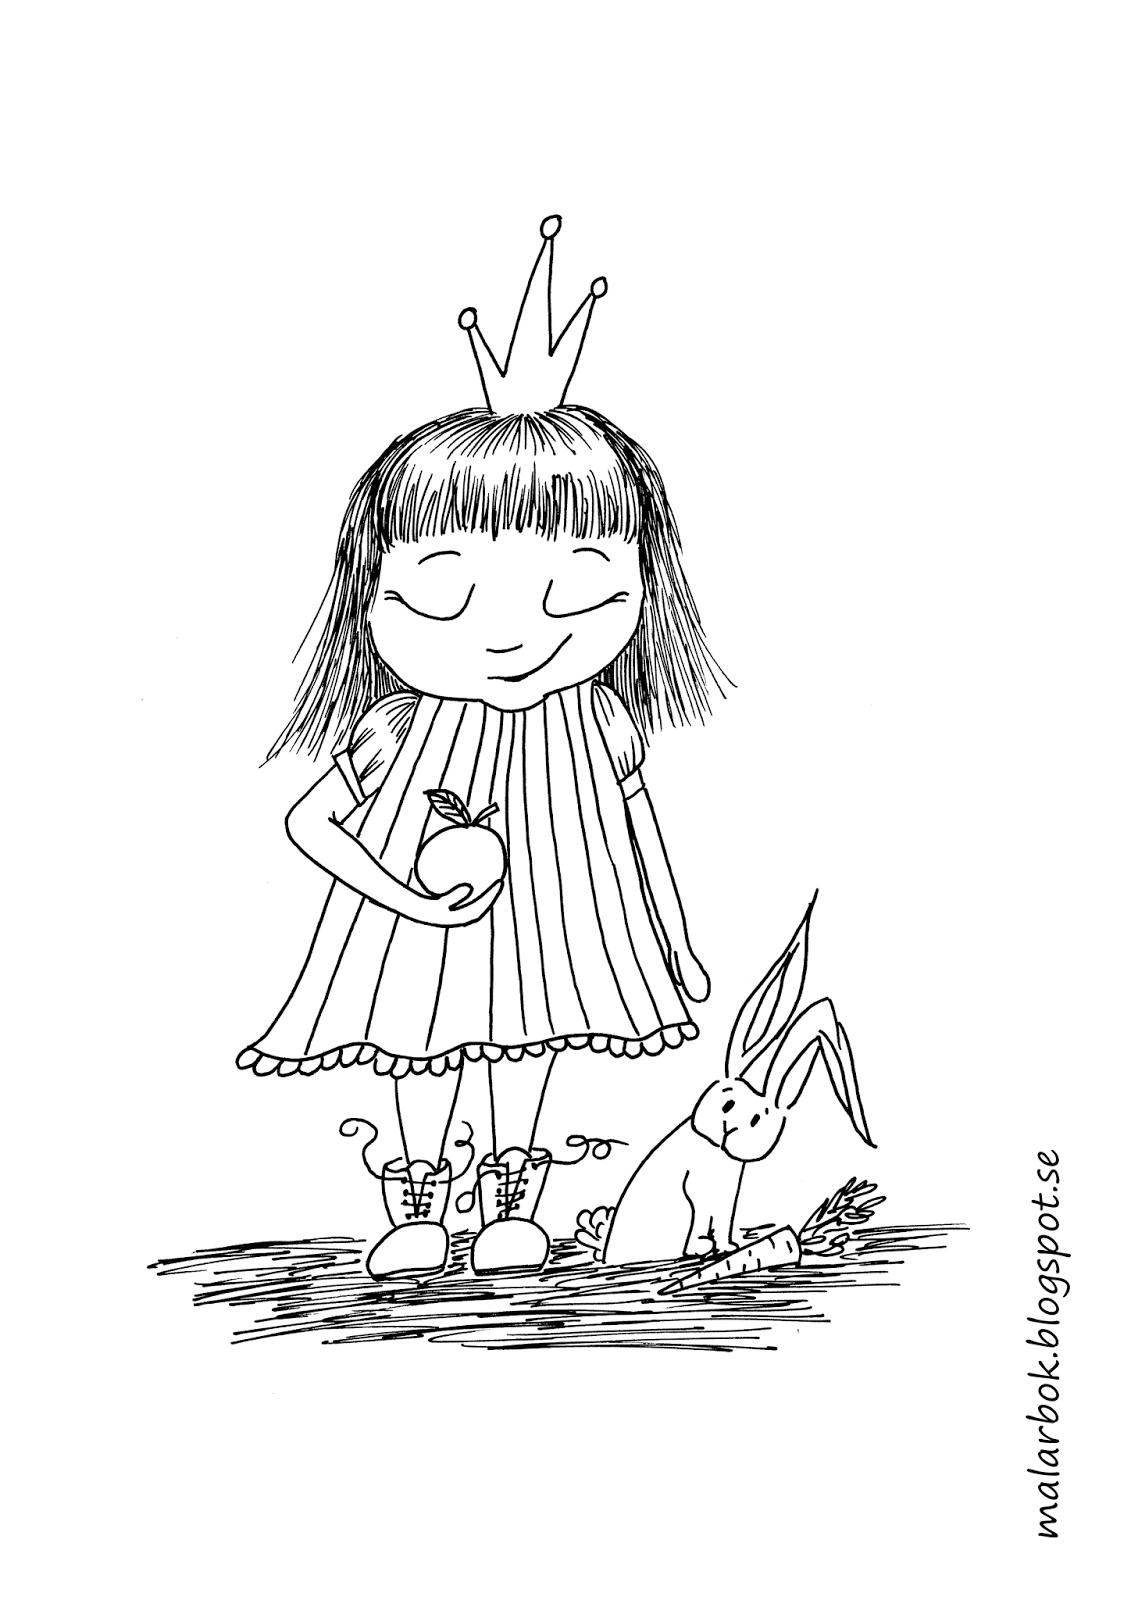 Tecknad prinsessa att färglägga